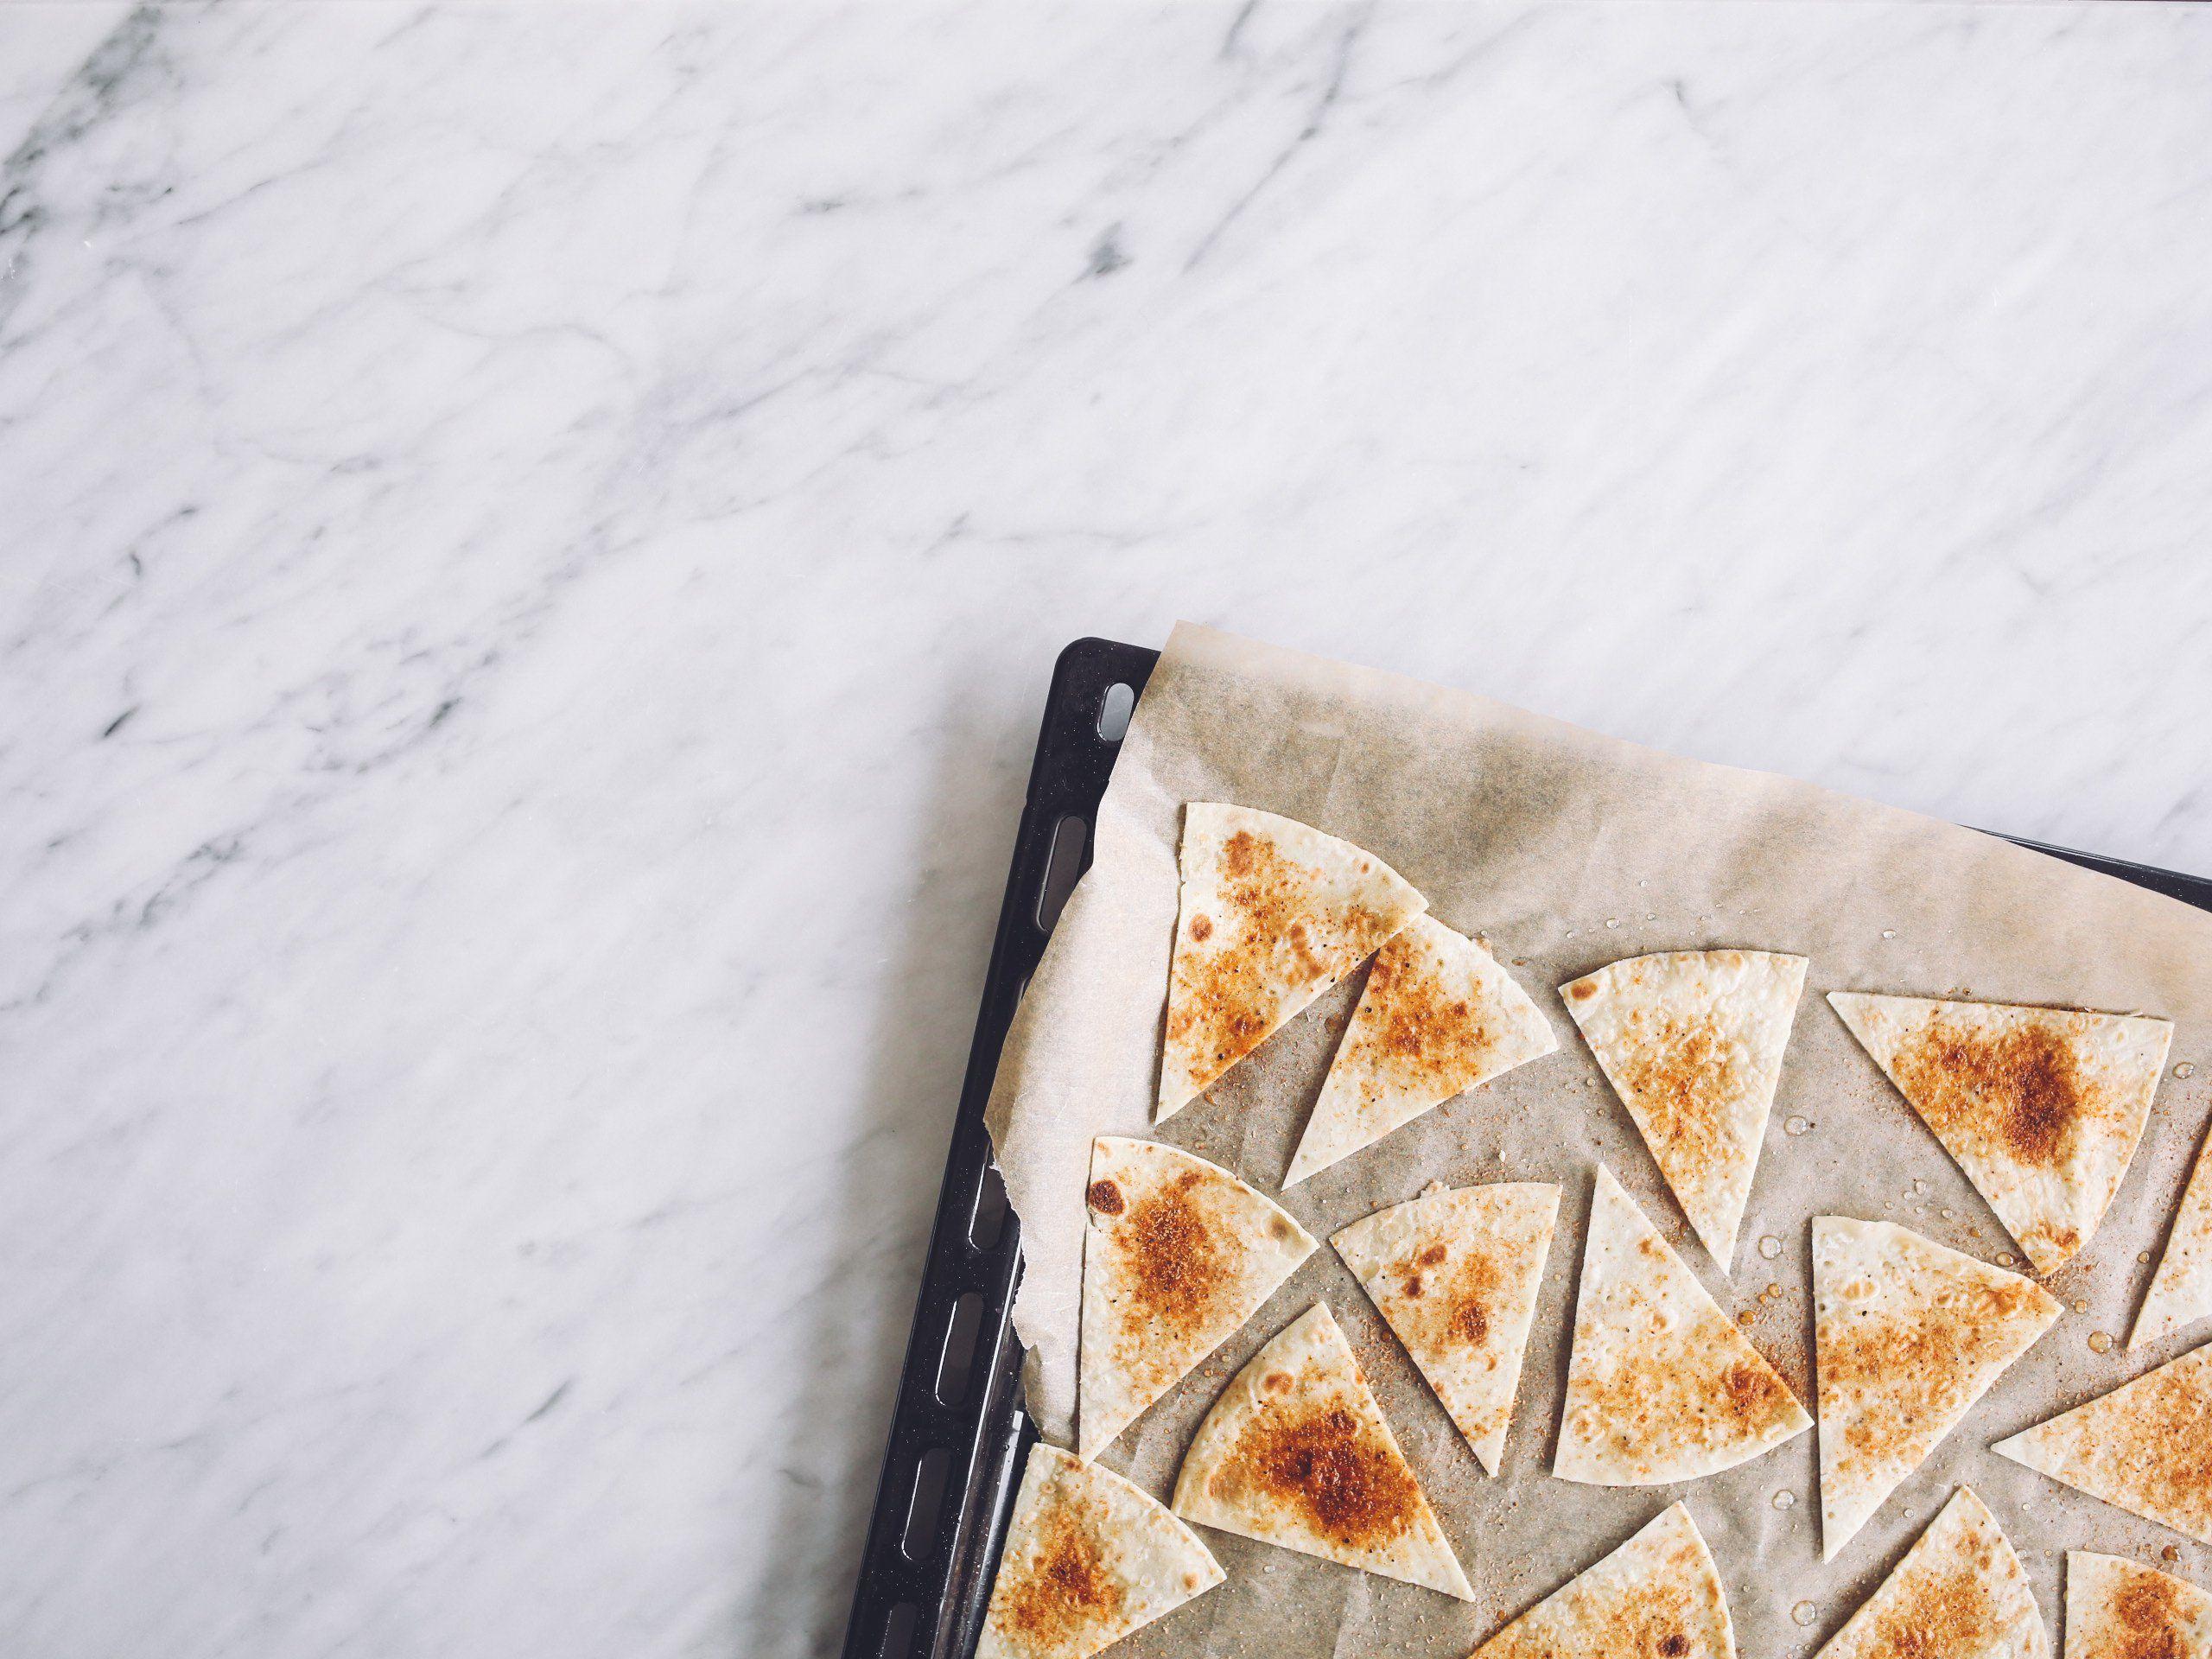 Kjøp en pakke med speltlomper. Skjær dem opp mens de ligger oppå hverandre som om det skulle vært en pizza, og plasser deretter «slicene» over på et bakepapir. Pensle dem med litt vann og strø favorittkrydderet ditt over! Jeg brukte grillkrydder, paprikakrydder og chilikrydder. Det synes jeg er en helt fantastisk god kombinasjon! Sett brettet inn i ovnen på 180°C å la chipsen steke til den blir skikkelig crunchy og får en gyllen og fin farge. Det tar ca. 5-7 minutter!